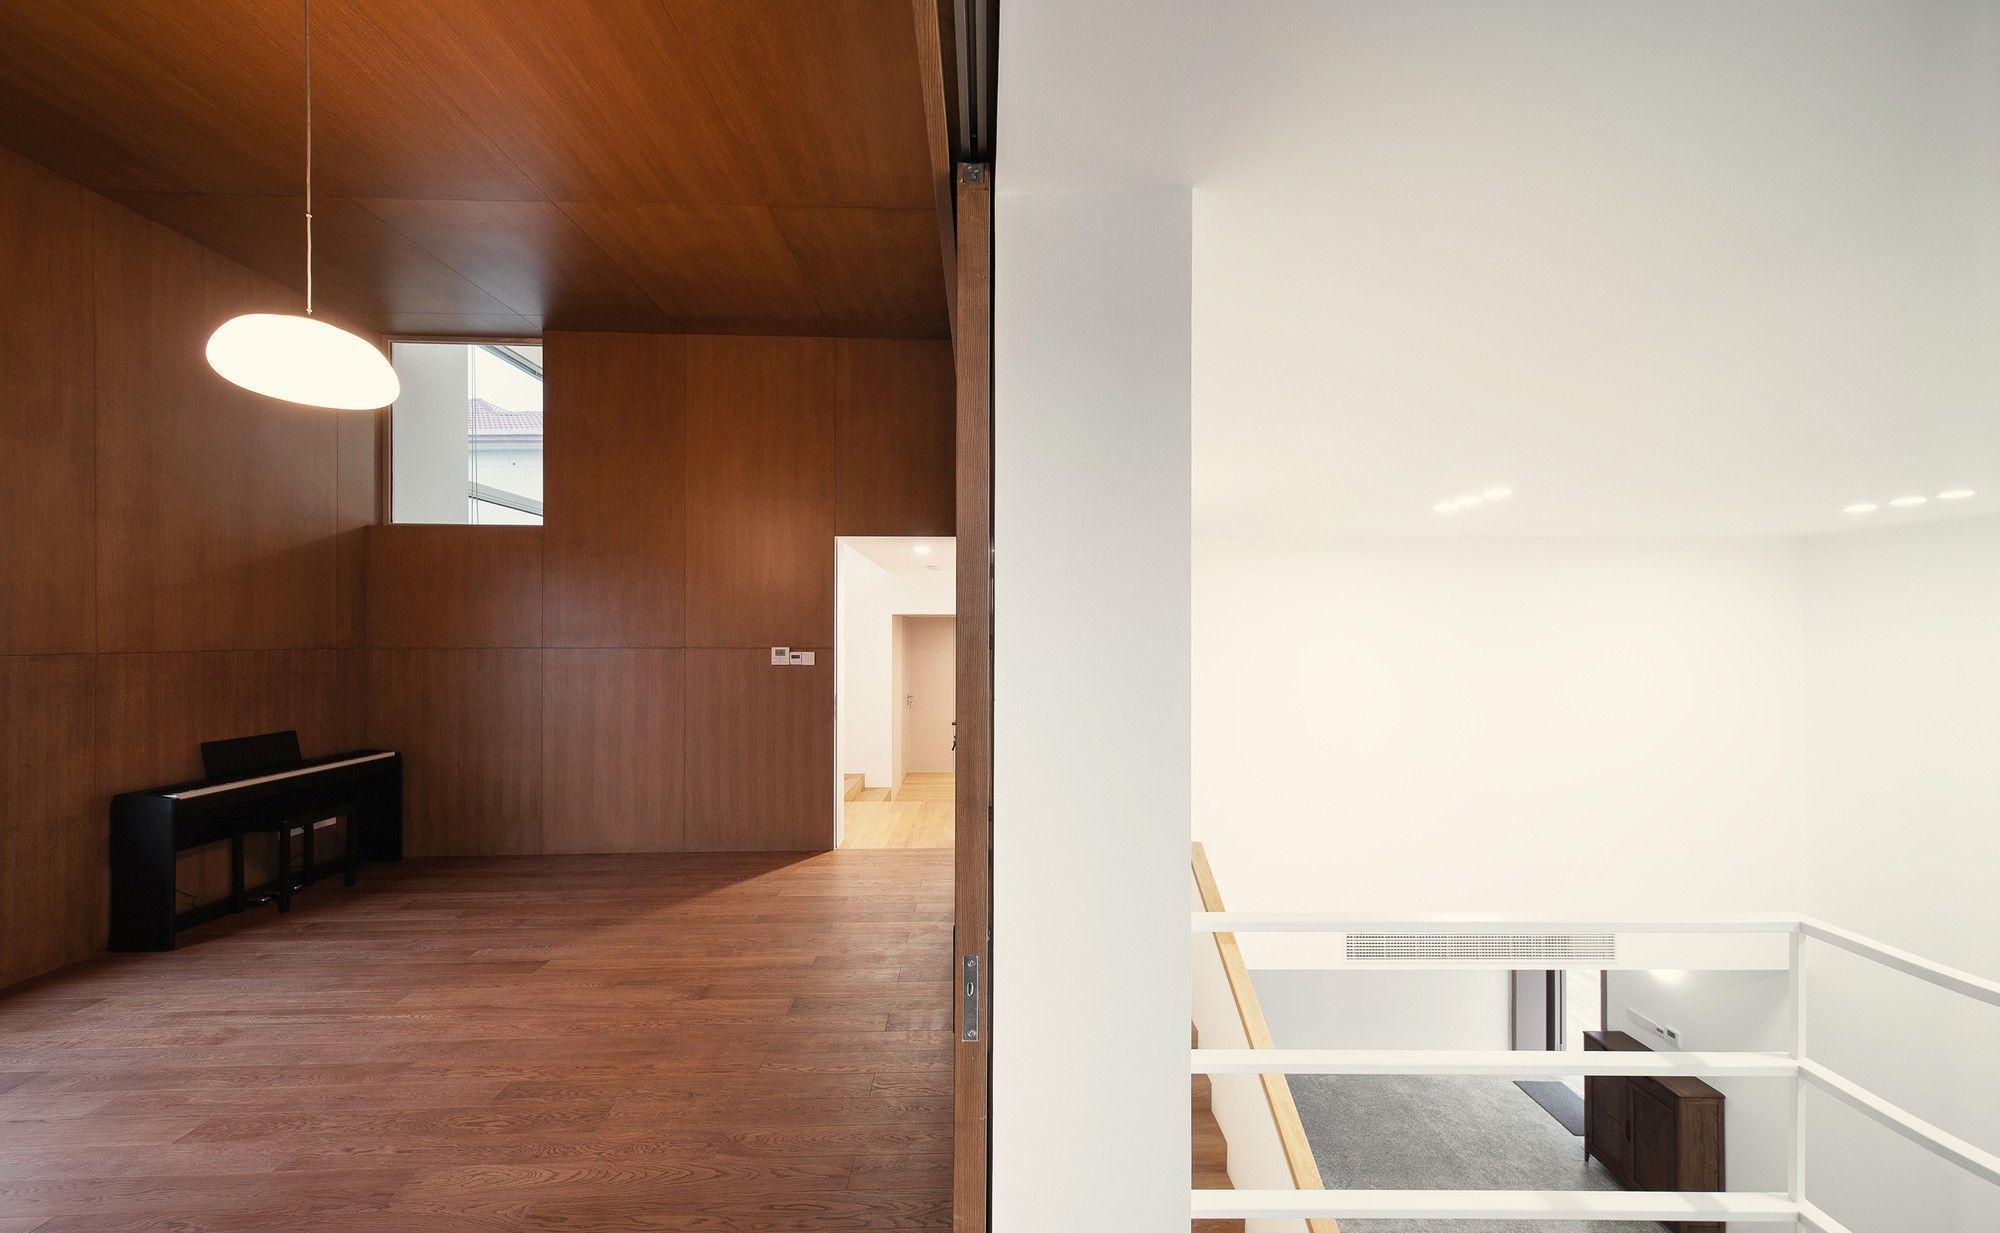 乡间的白别墅世界,现代主义的双层v别墅诗意建别墅盒子怎么迷你图片